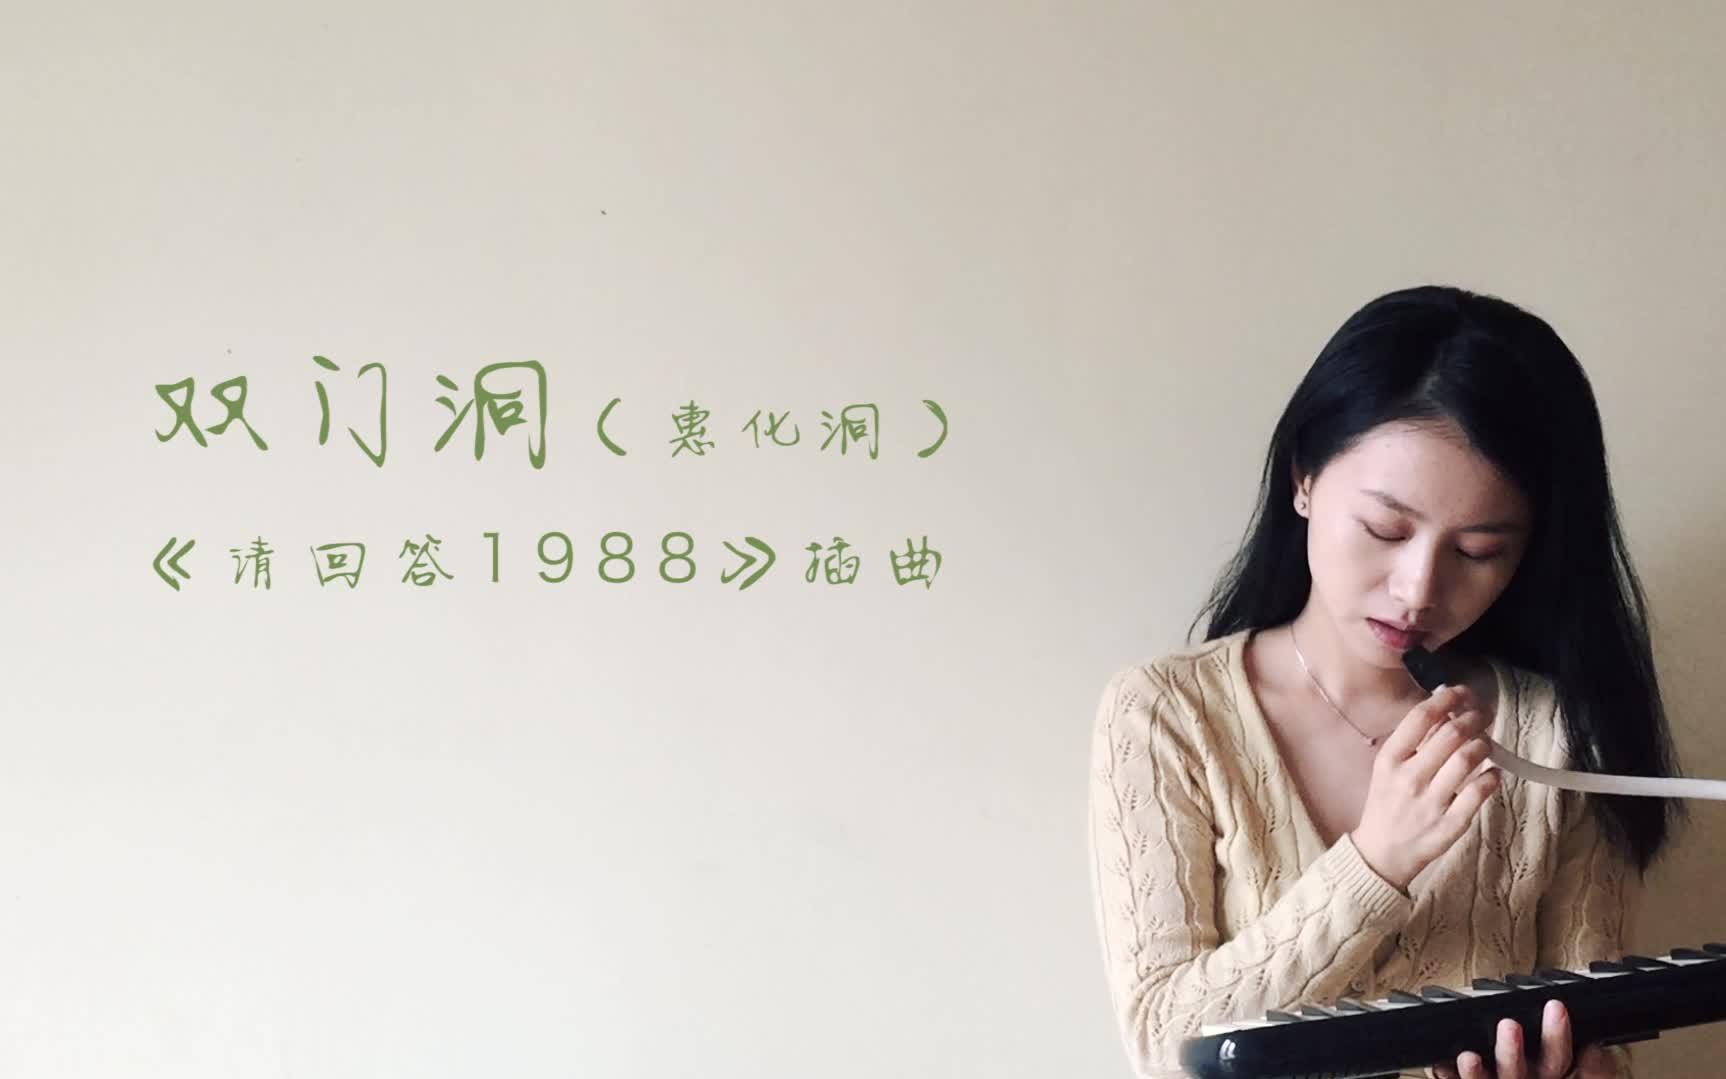 【门洞口琴】曲谱风琴口口琴演奏《请回答1988》插曲《双女孩/惠化的整容美女图片图片